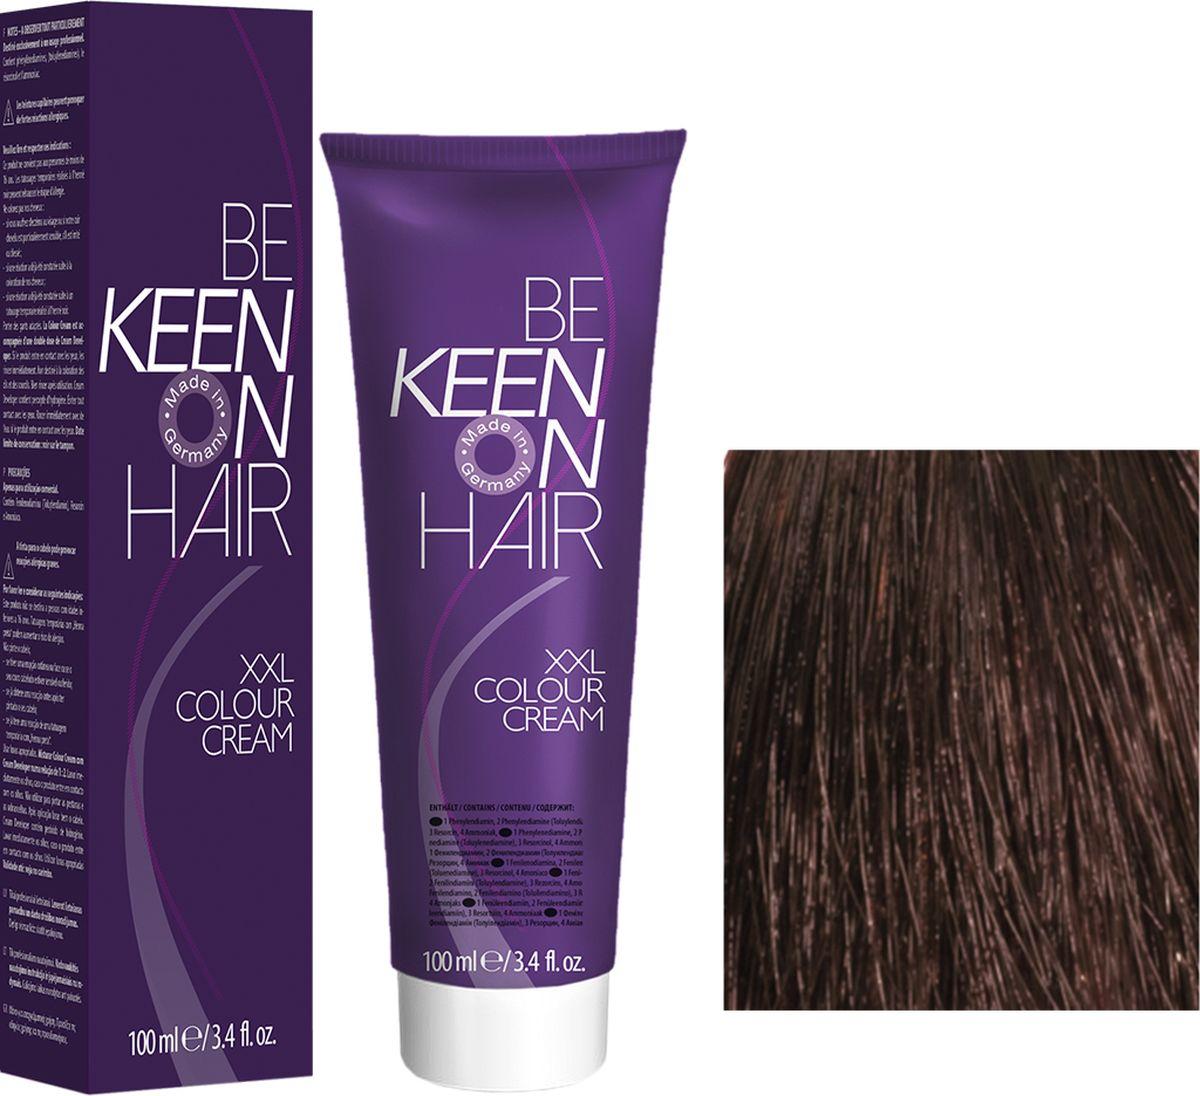 Keen Краска для волос 5.77 Эспрессо Espresso, 100 мл69100033Модные оттенкиБолее 100 оттенков для креативной комбинации цветов.ЭкономичностьПри использовании тюбика 100 мл вы получаете оптимальное соотношение цены и качества!УходМолочный белок поддерживает структуру волоса во время окрашивания и придает волосам блеск и шелковистость. Протеины хорошо встраиваются в волосы и снабжают их влагой.